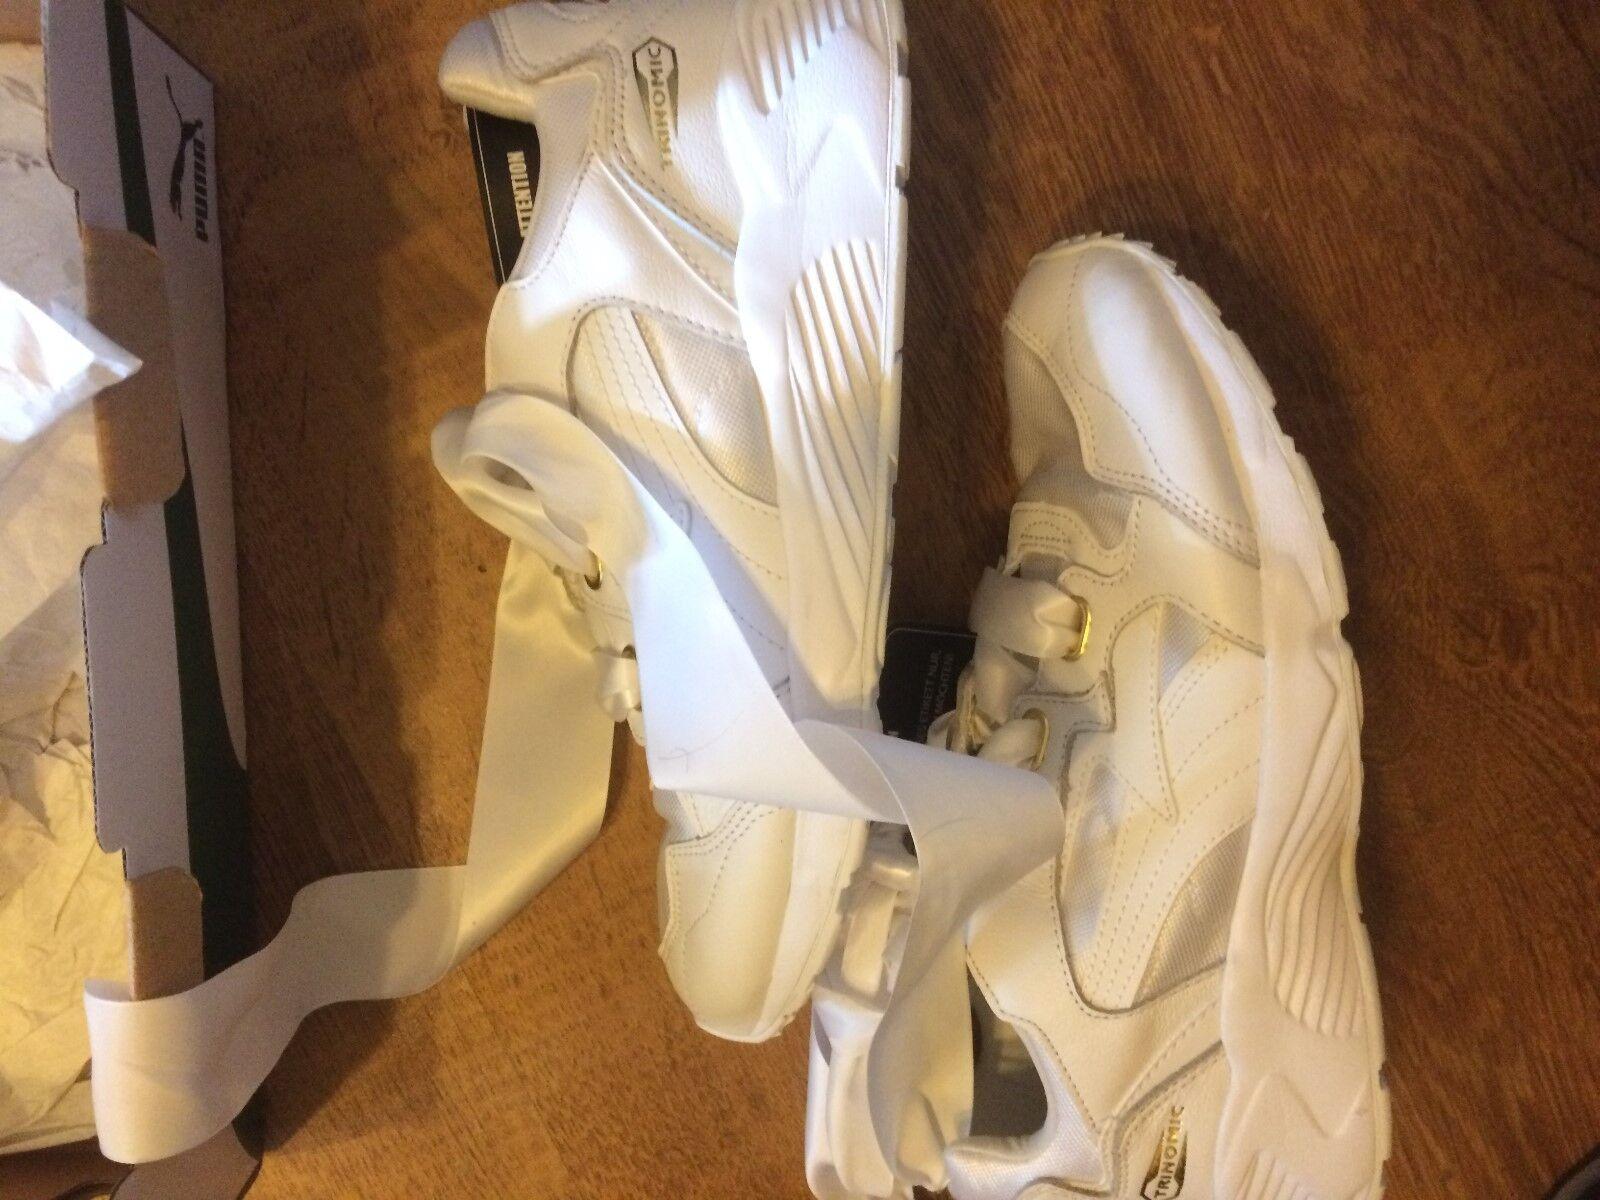 Prevail Heart Damen Sneaker / Sportschuhe von PUMA in weiß - Größe 41 - neu